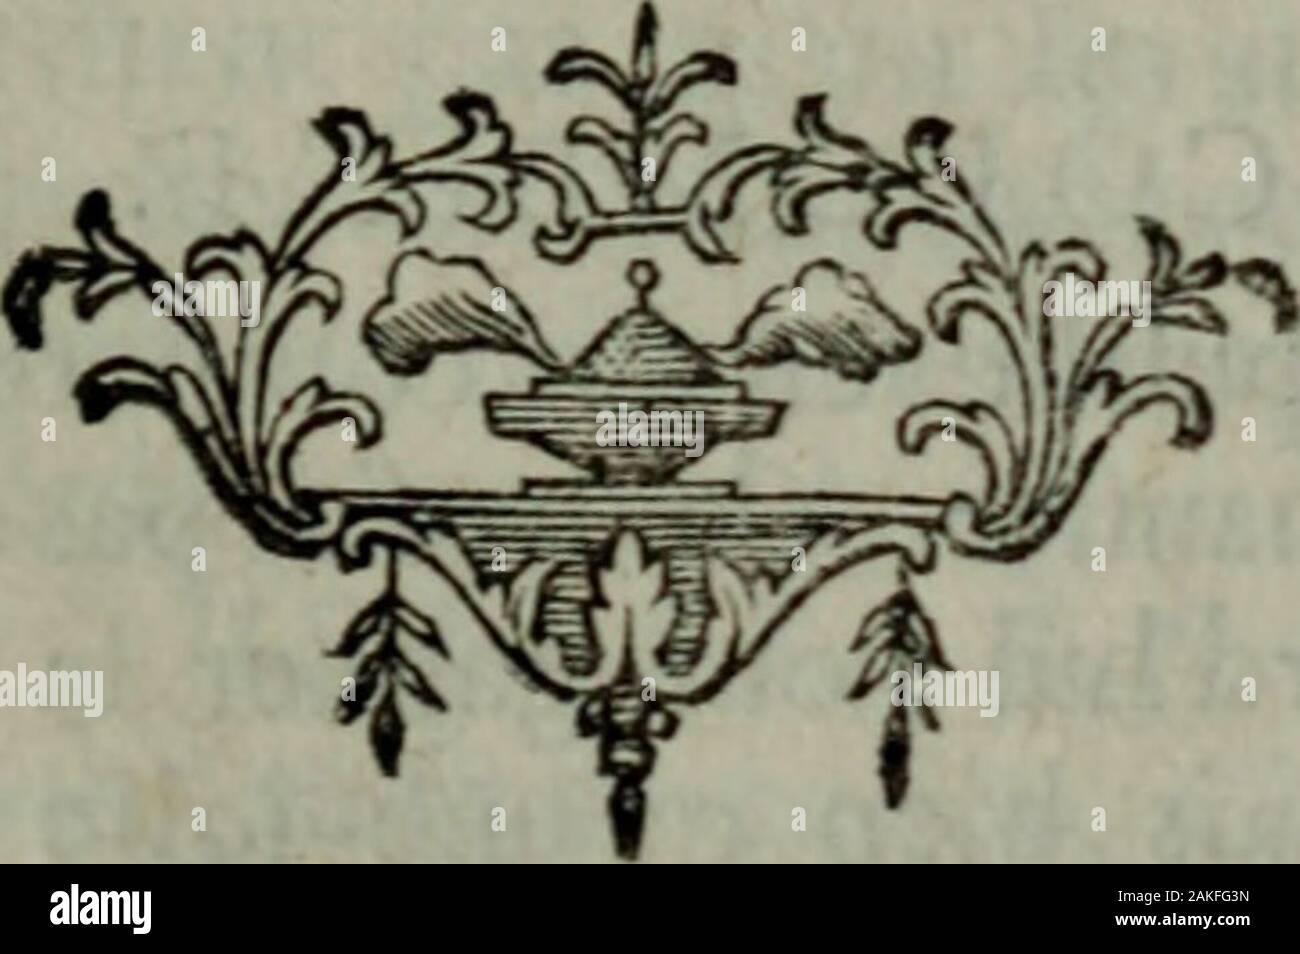 Quoi Faire Pendant L Été le théâtre italien de gherardi, ou, le recueil général de